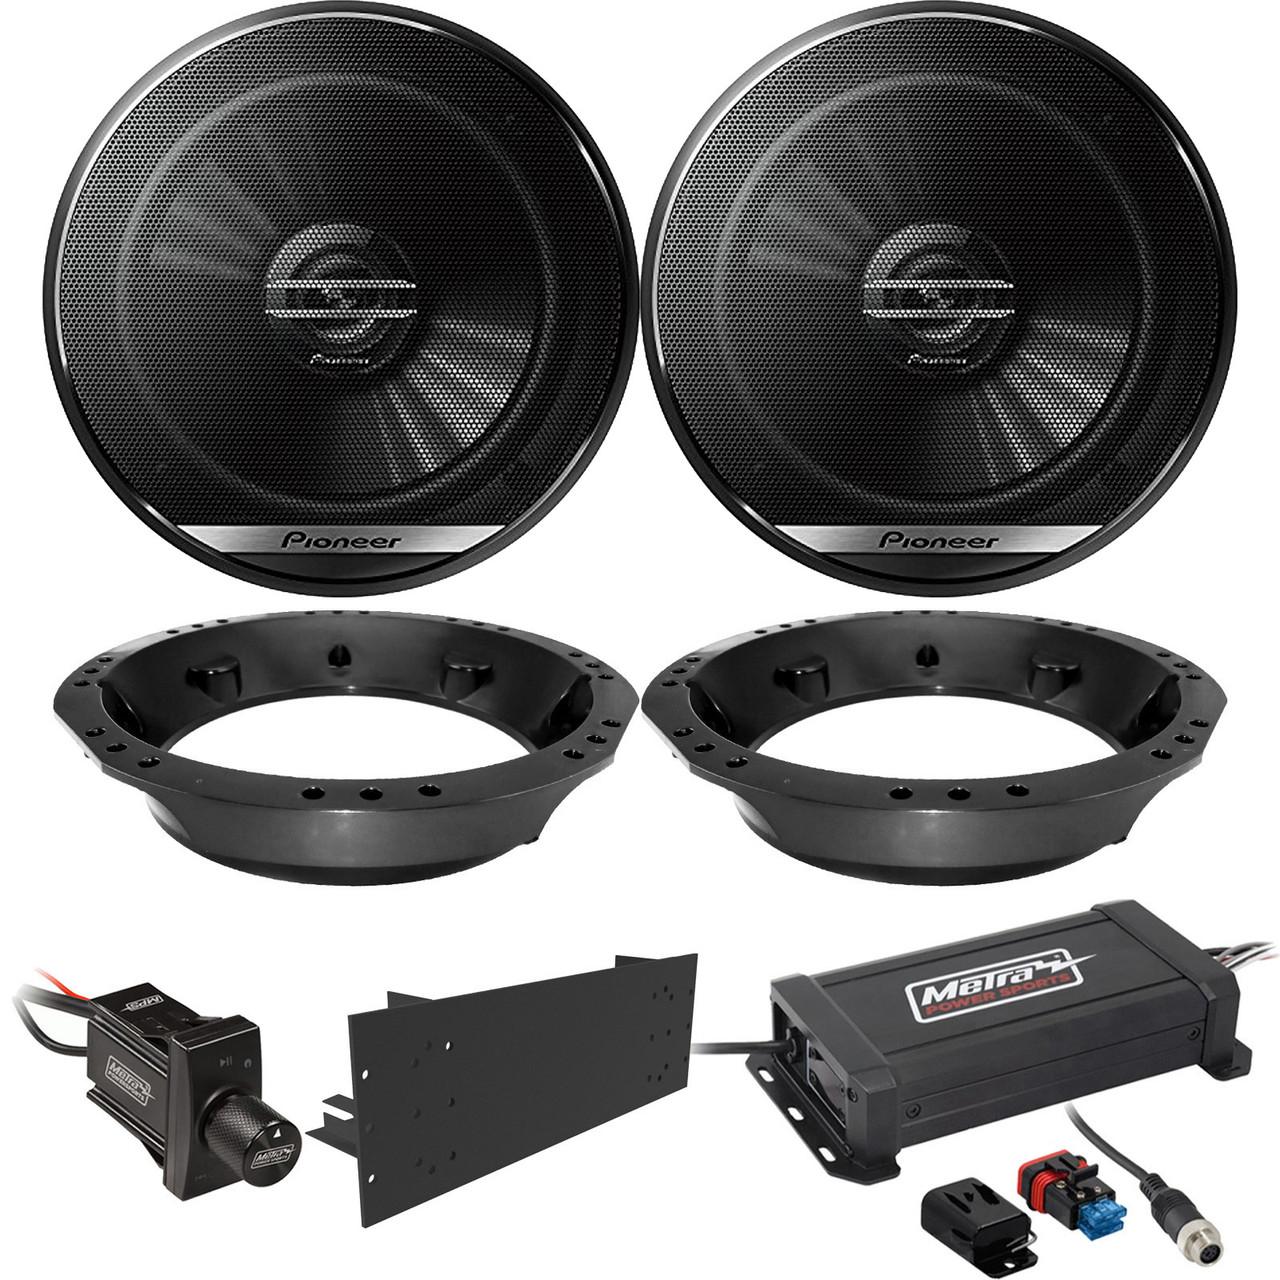 Wireless Car Speakers >> 2 X Pioneer 6 5 2 Way 300w Coaxial Car Speakers Metra Powersports 2 Channel Amplifier Bluetooth Wireless Controller Amplifier Mounting Brackets 2